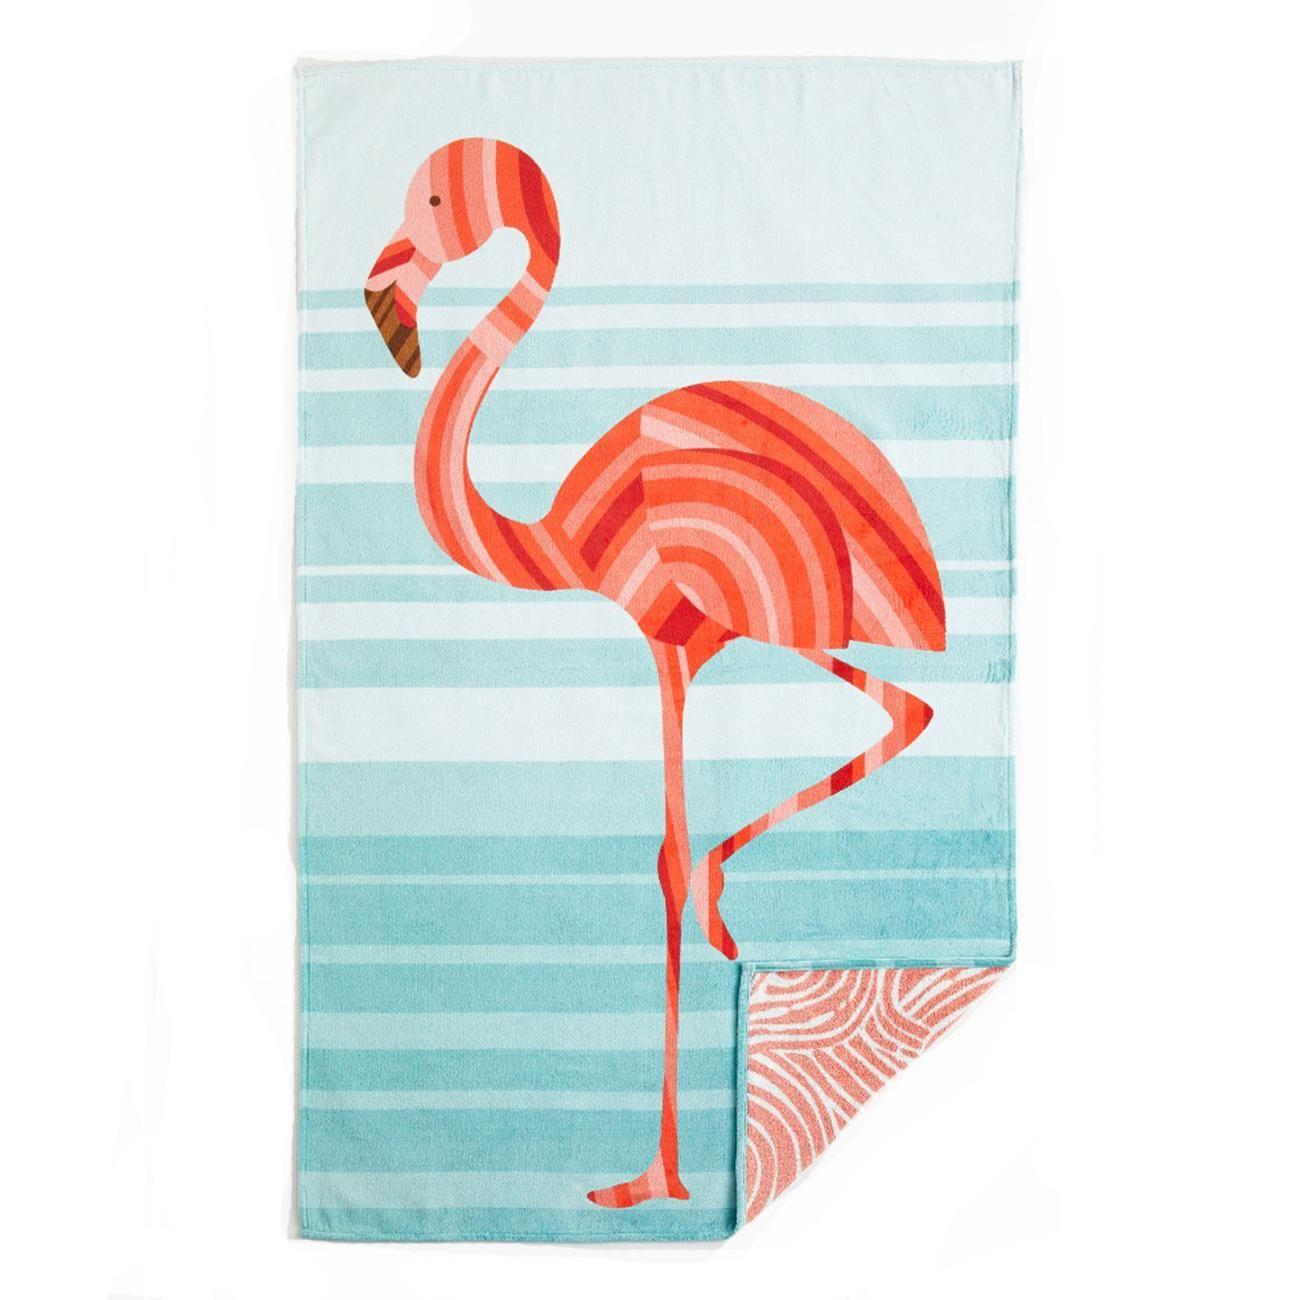 Accessoire Salle De Bain Flamant Rose ~ 15 accessoires pour la plage t serviettedeplage flamantrose